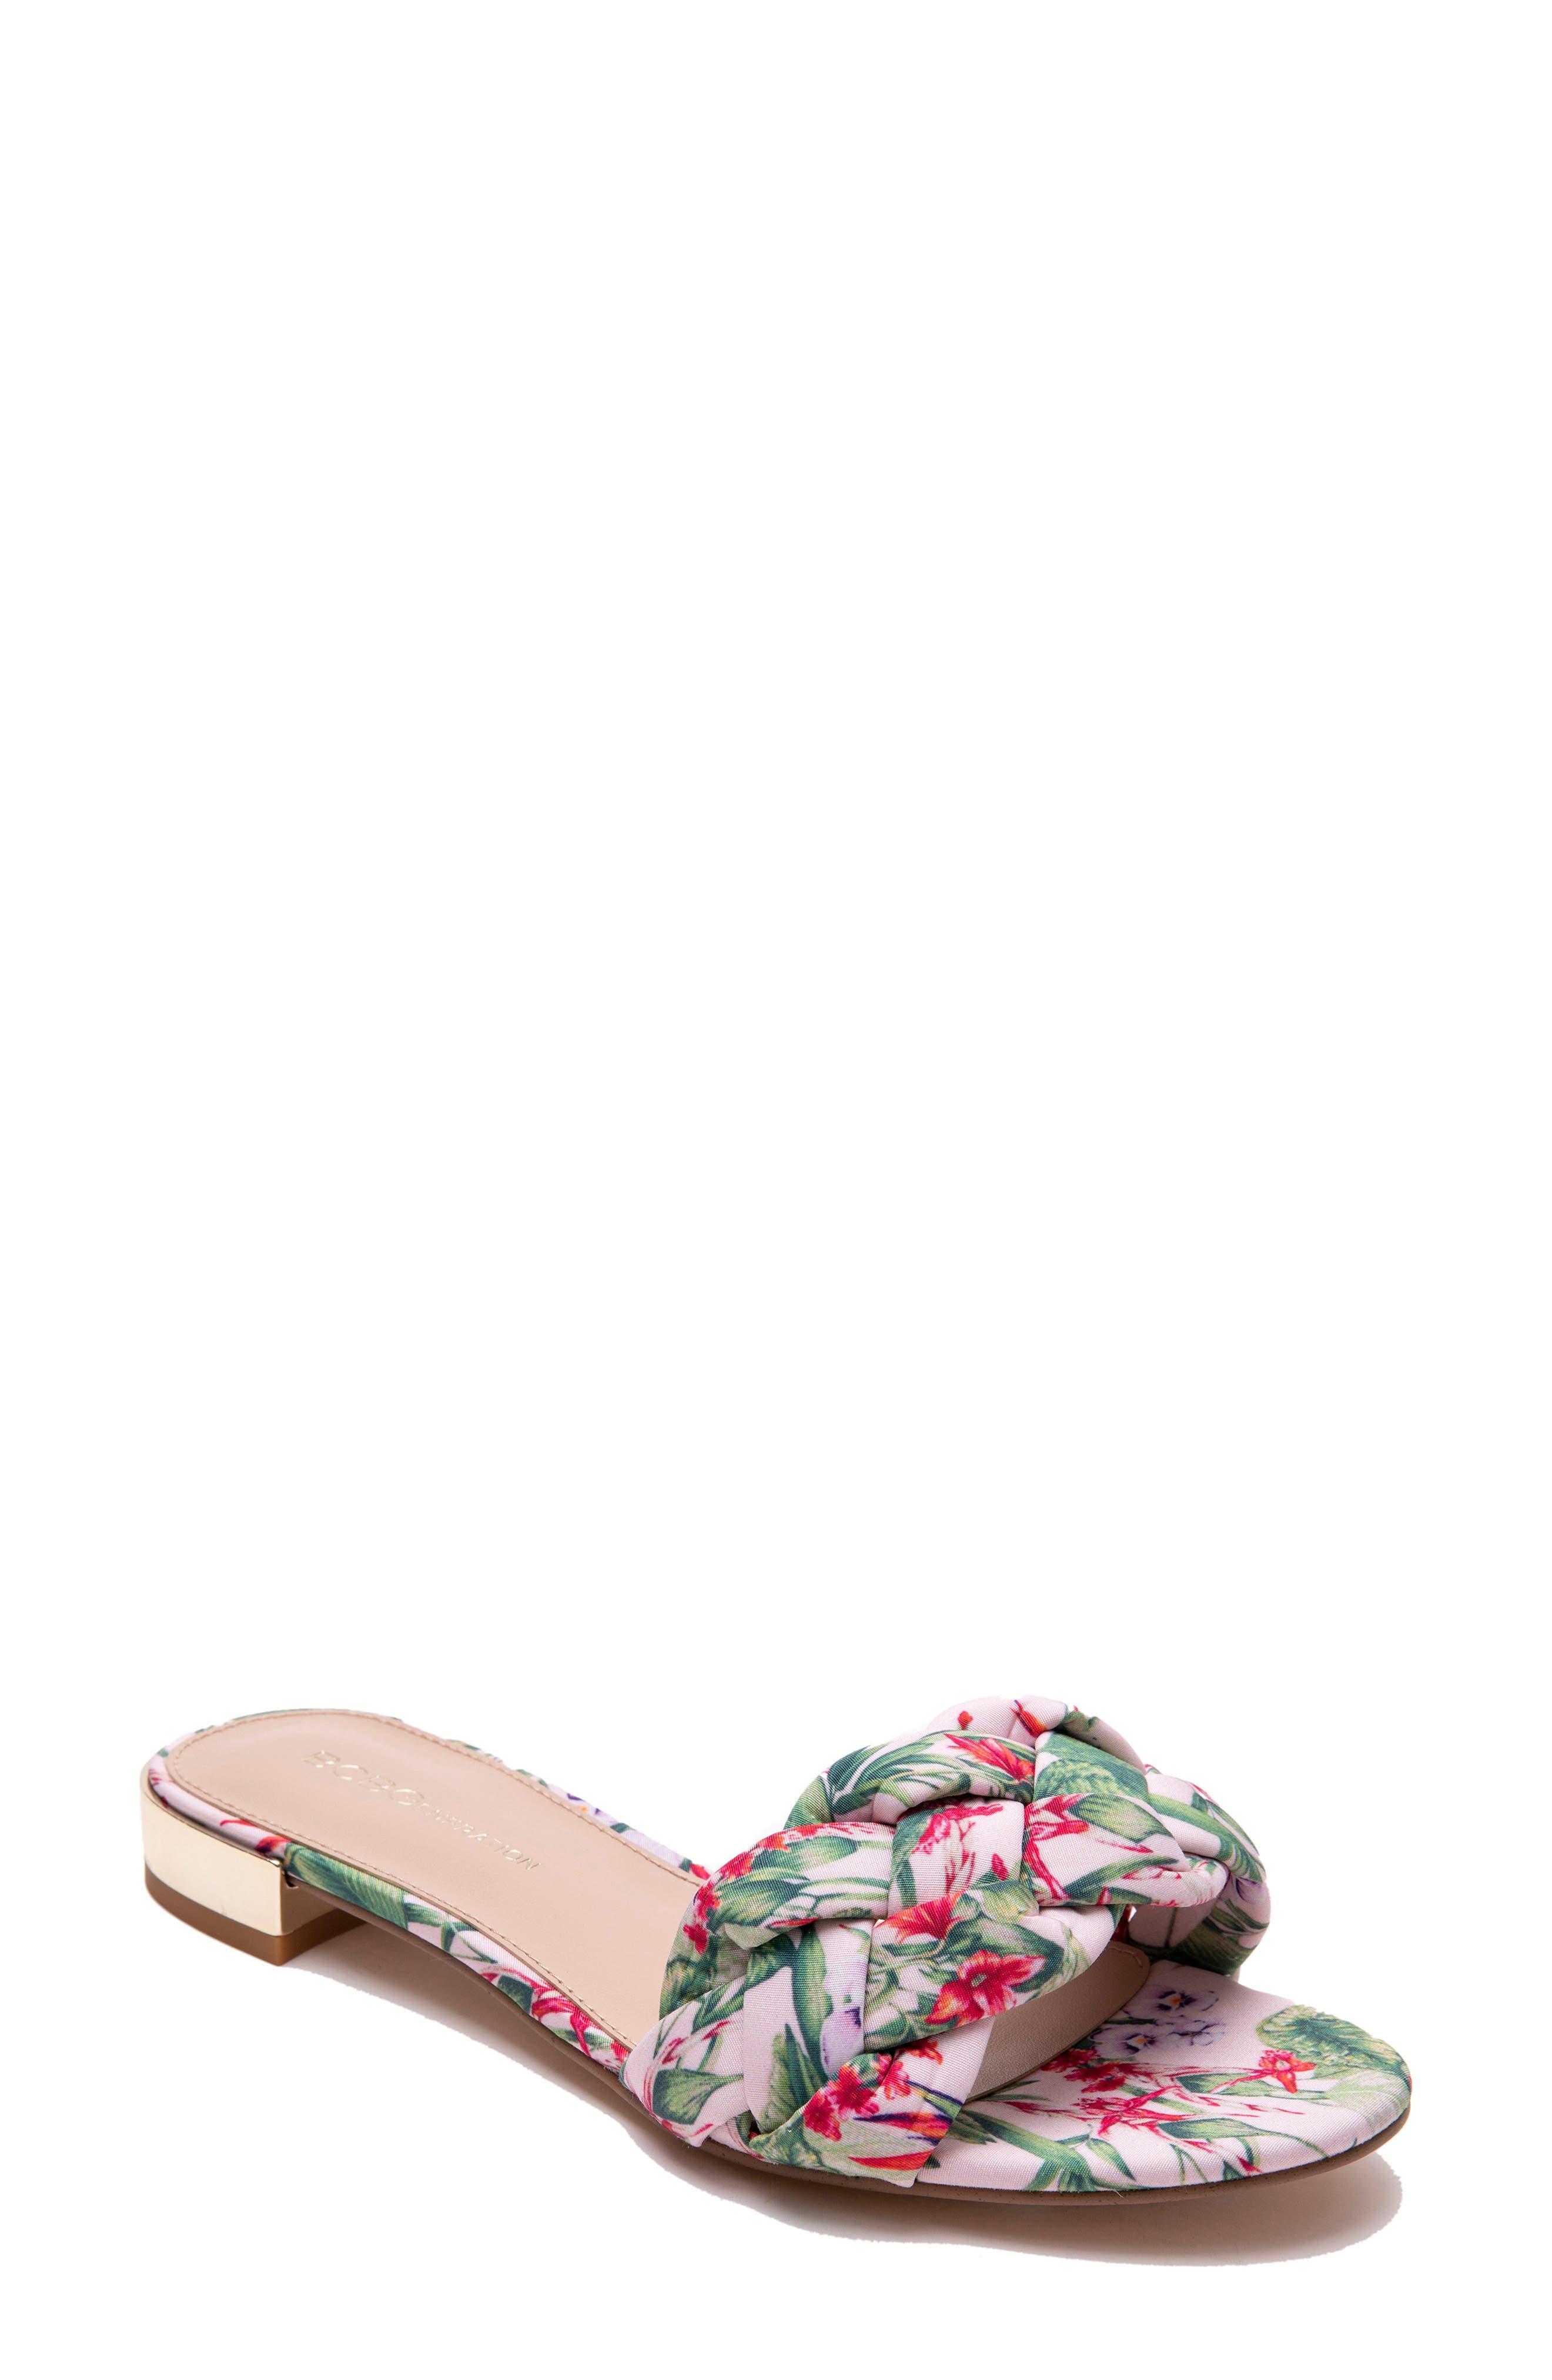 Deelo Slide Sandal